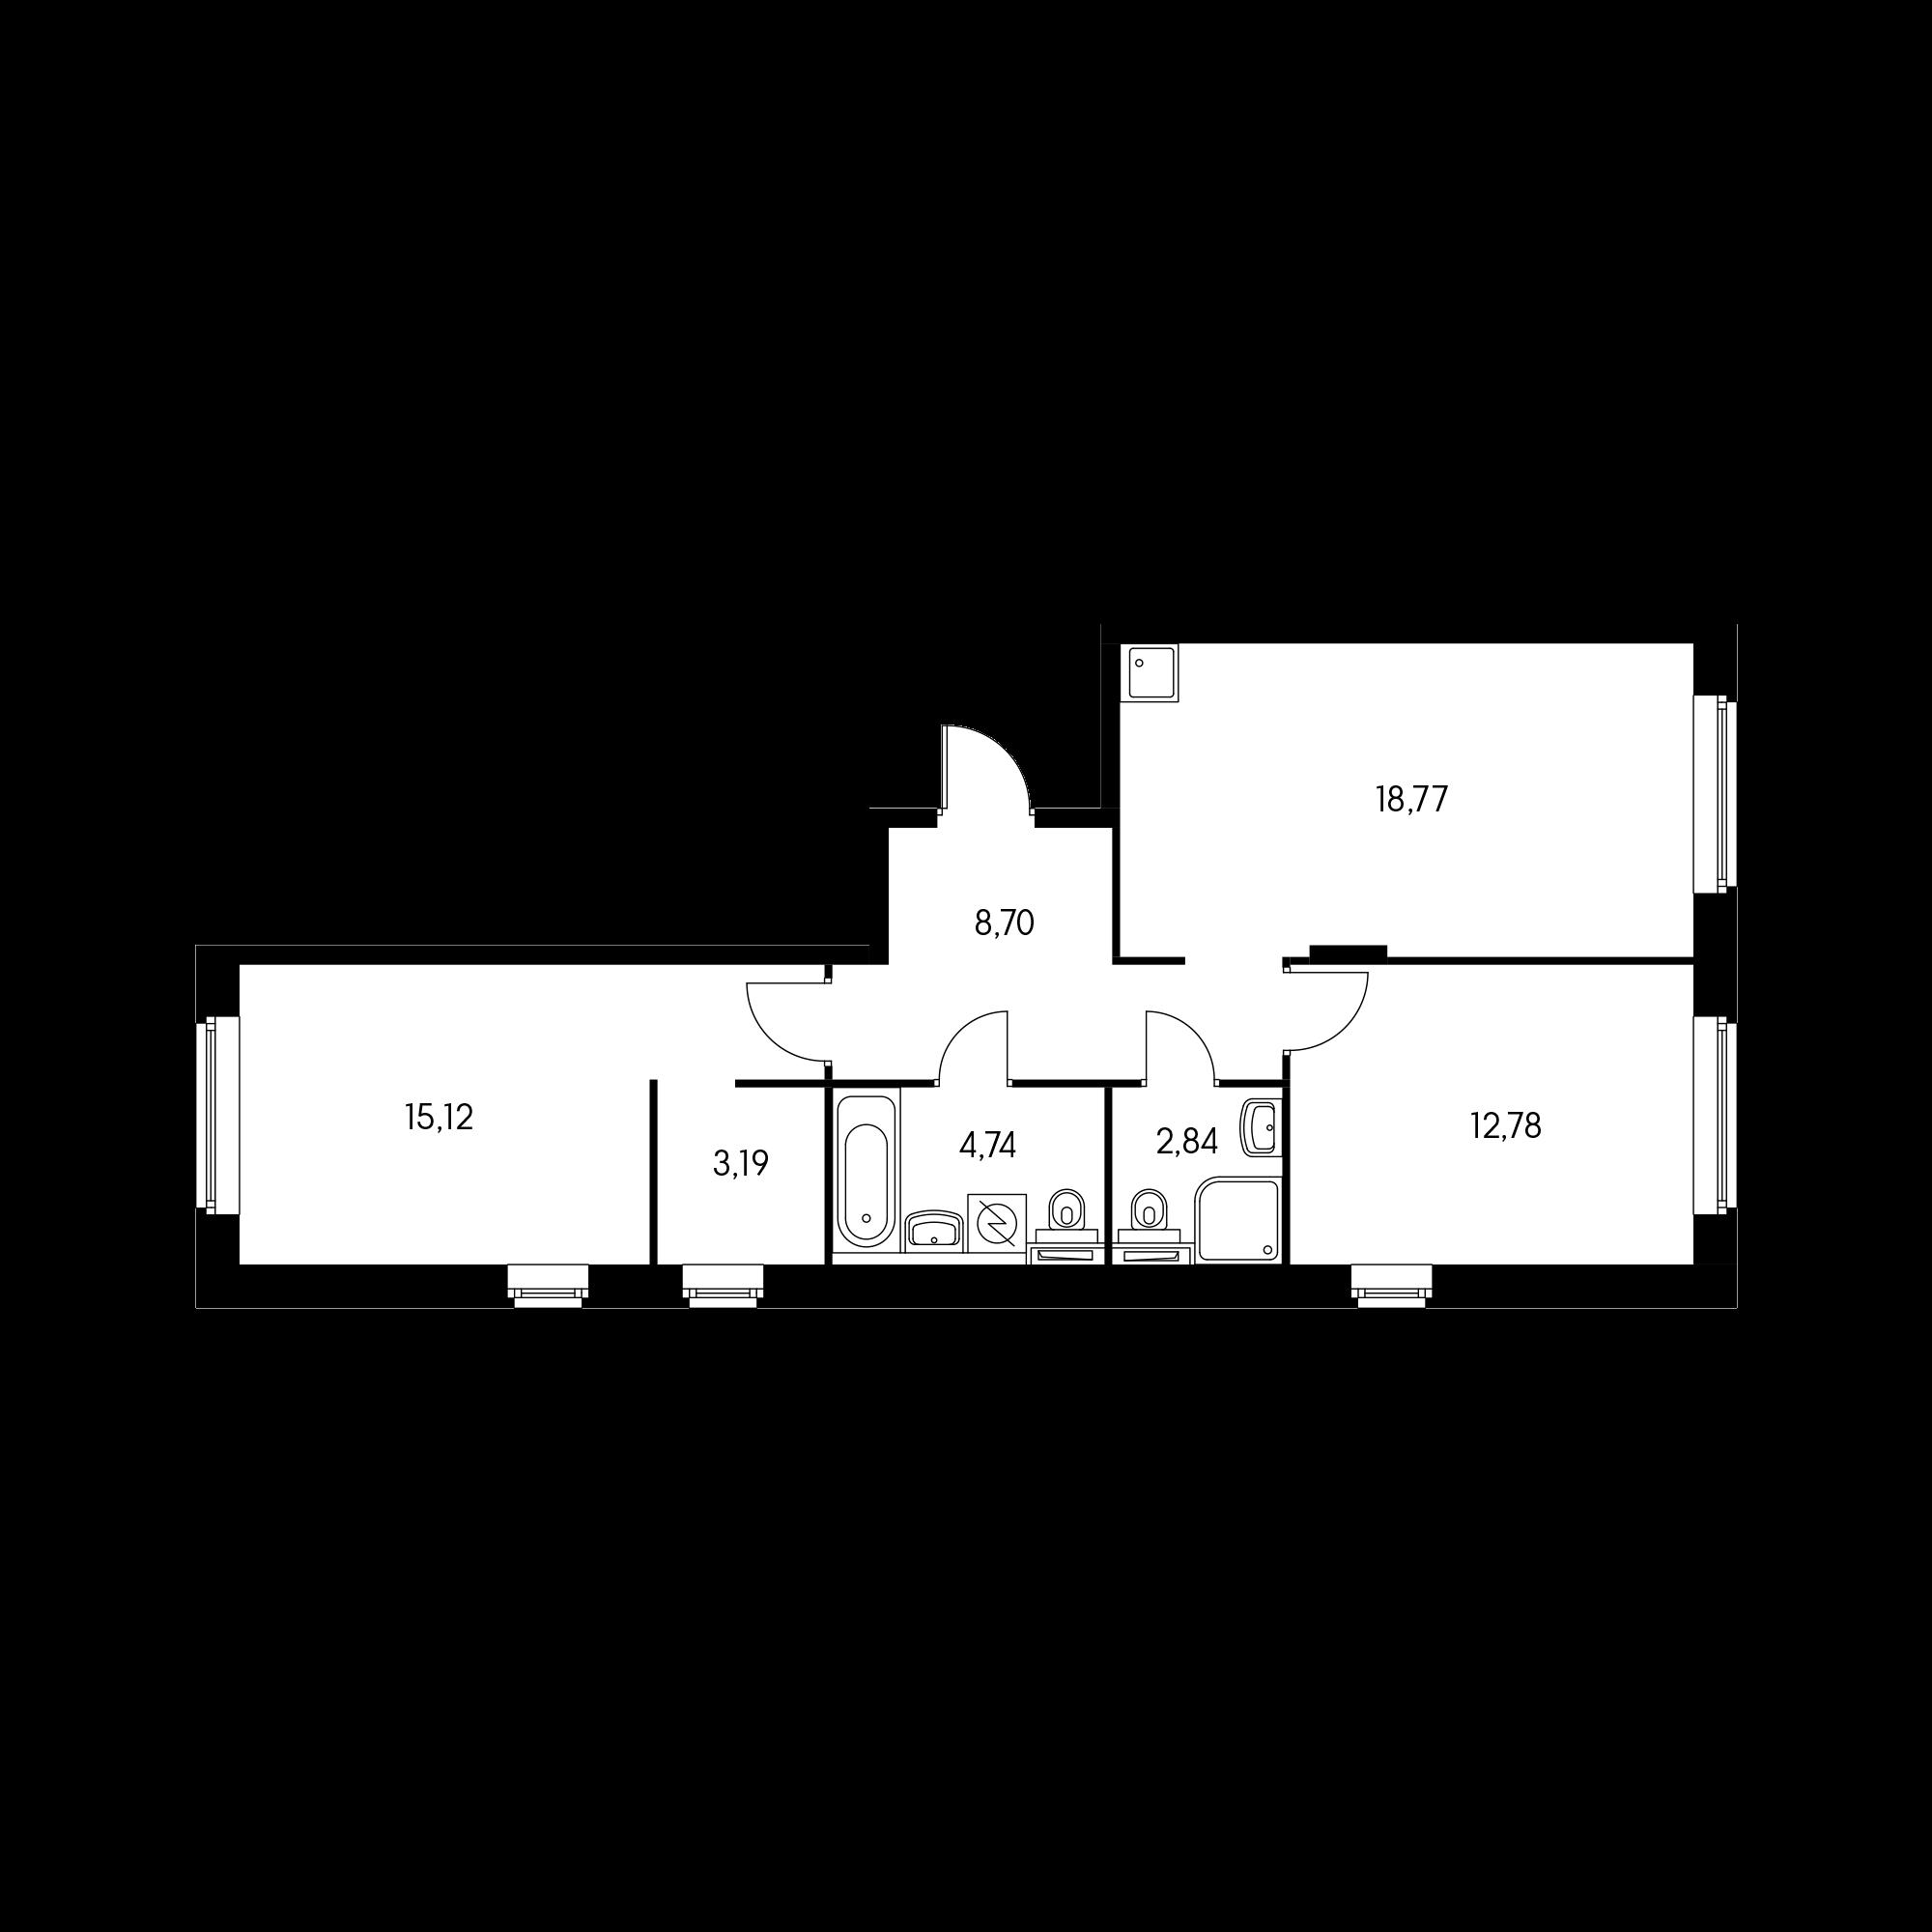 2EL3_6.6-1_T*